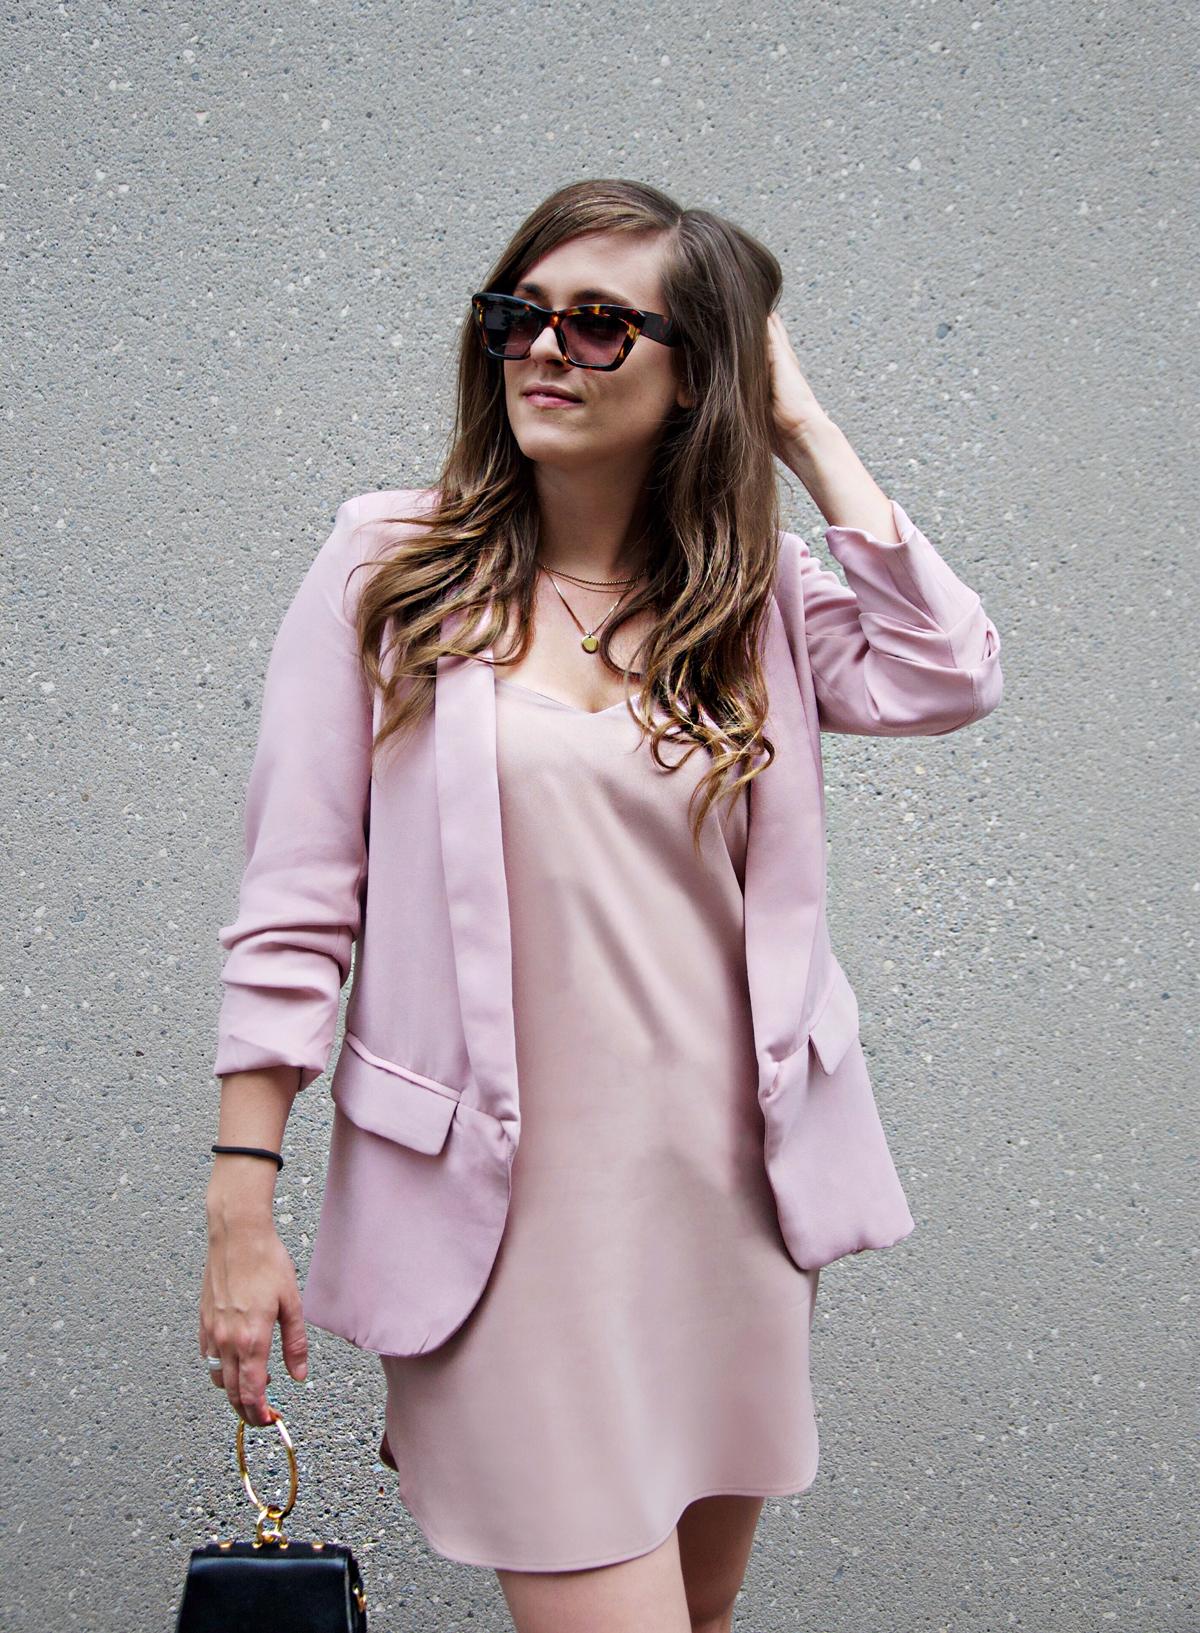 Millennial Pink mit einem pinken Blazer von shein.com und einem pinken Slipdress von ASOS. Mode Blog Strawberries n Champagne.